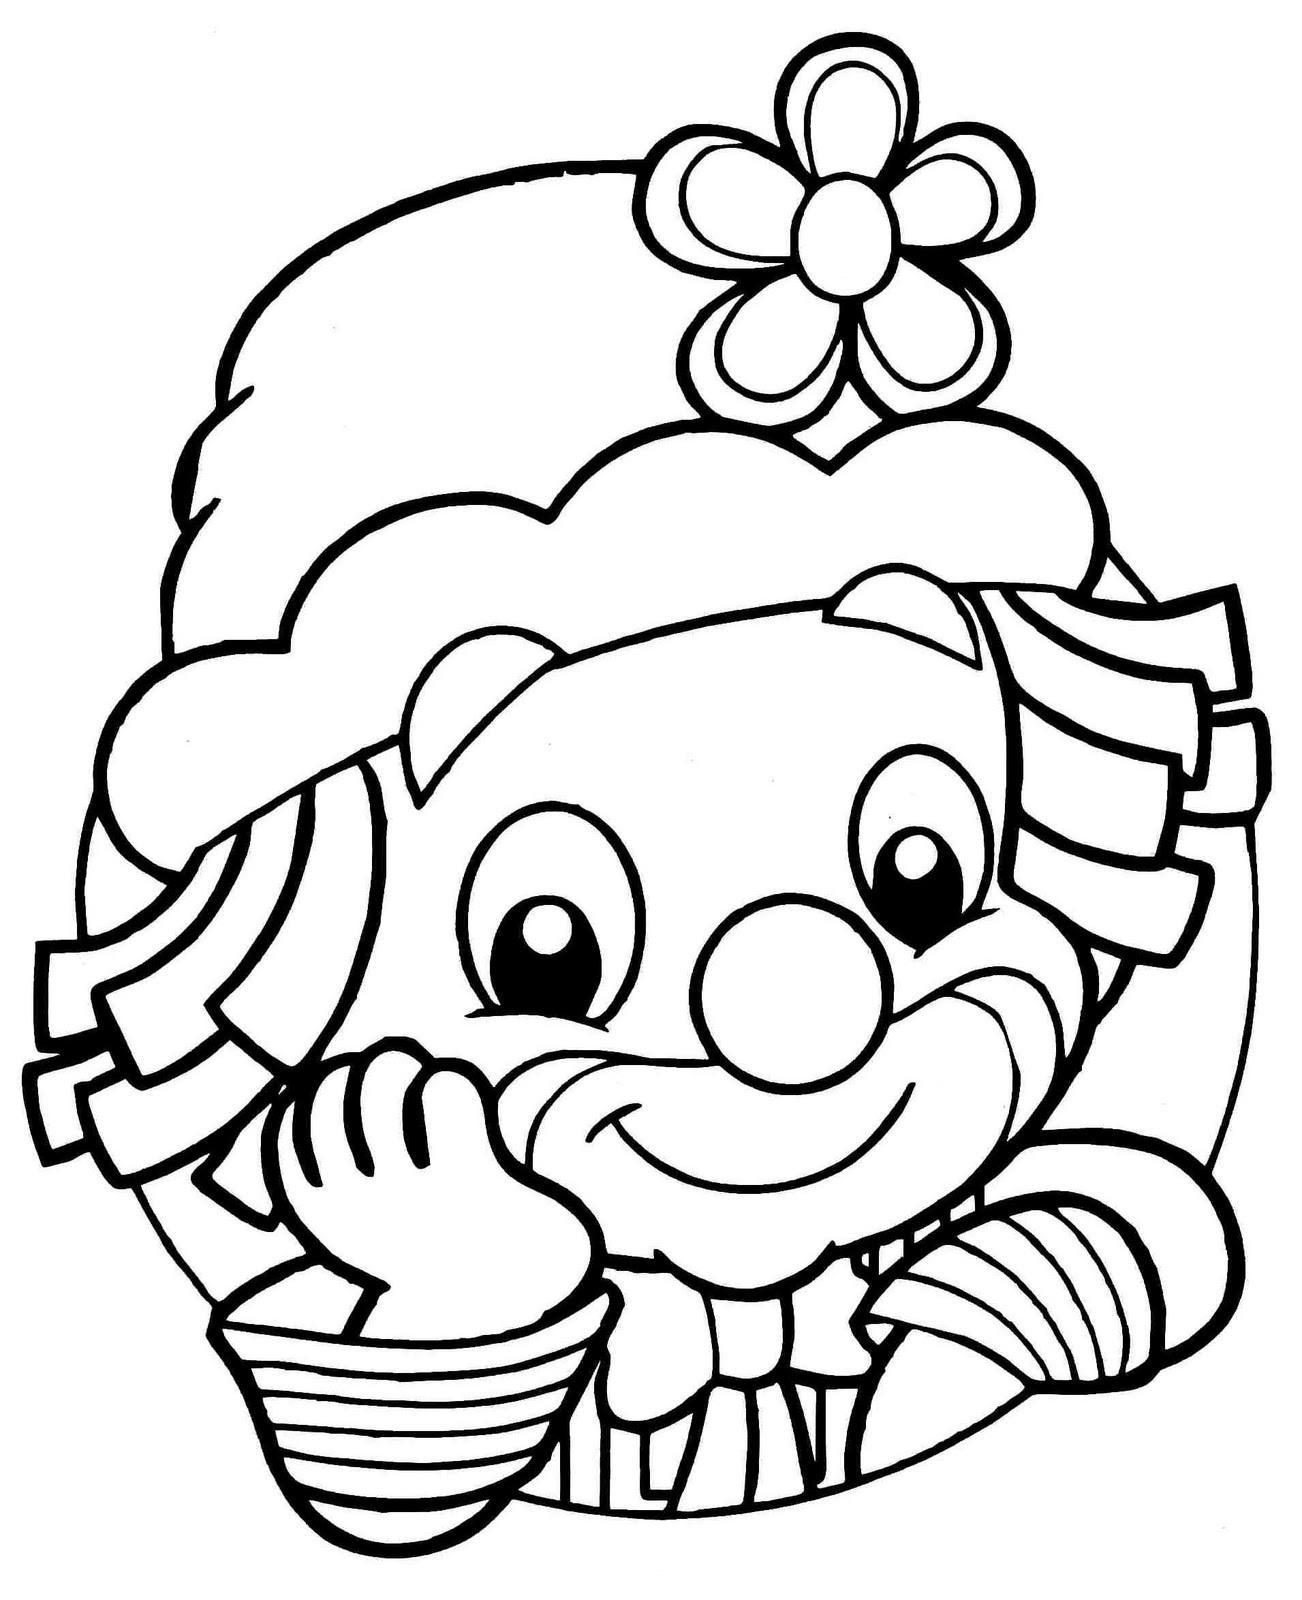 Desenho de palhaço para colorir (Foto: Divulgação)